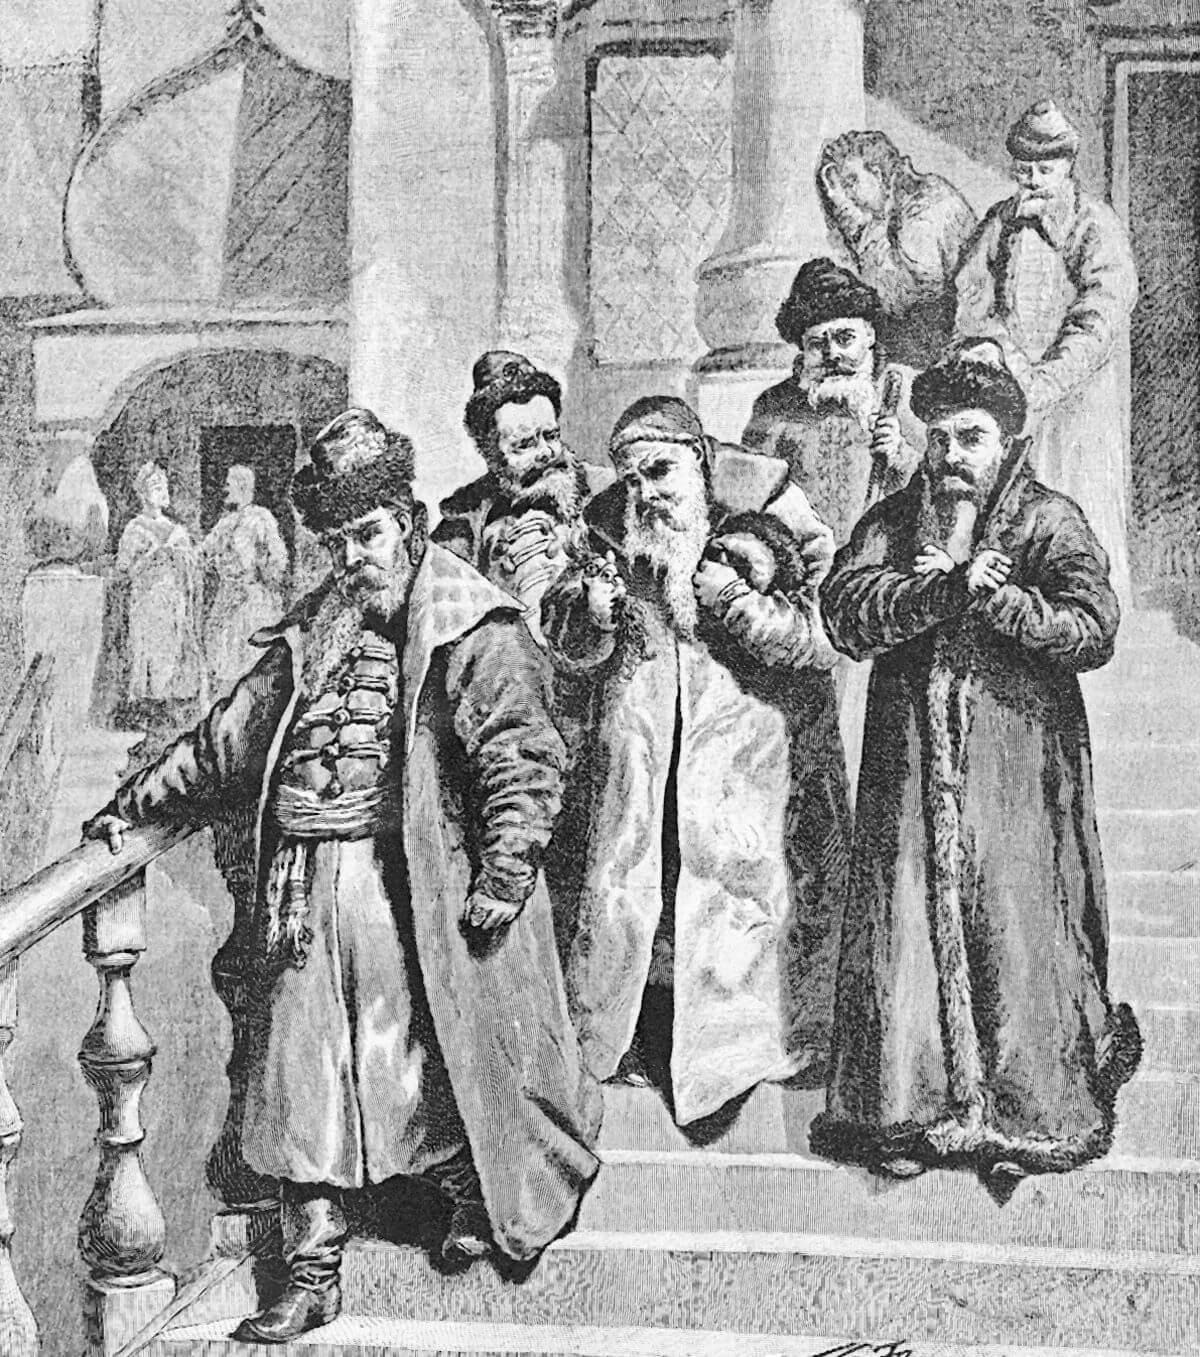 Бояре возвращаются от царя Петра, остригшего им бороды. Гравюра. 1894 год